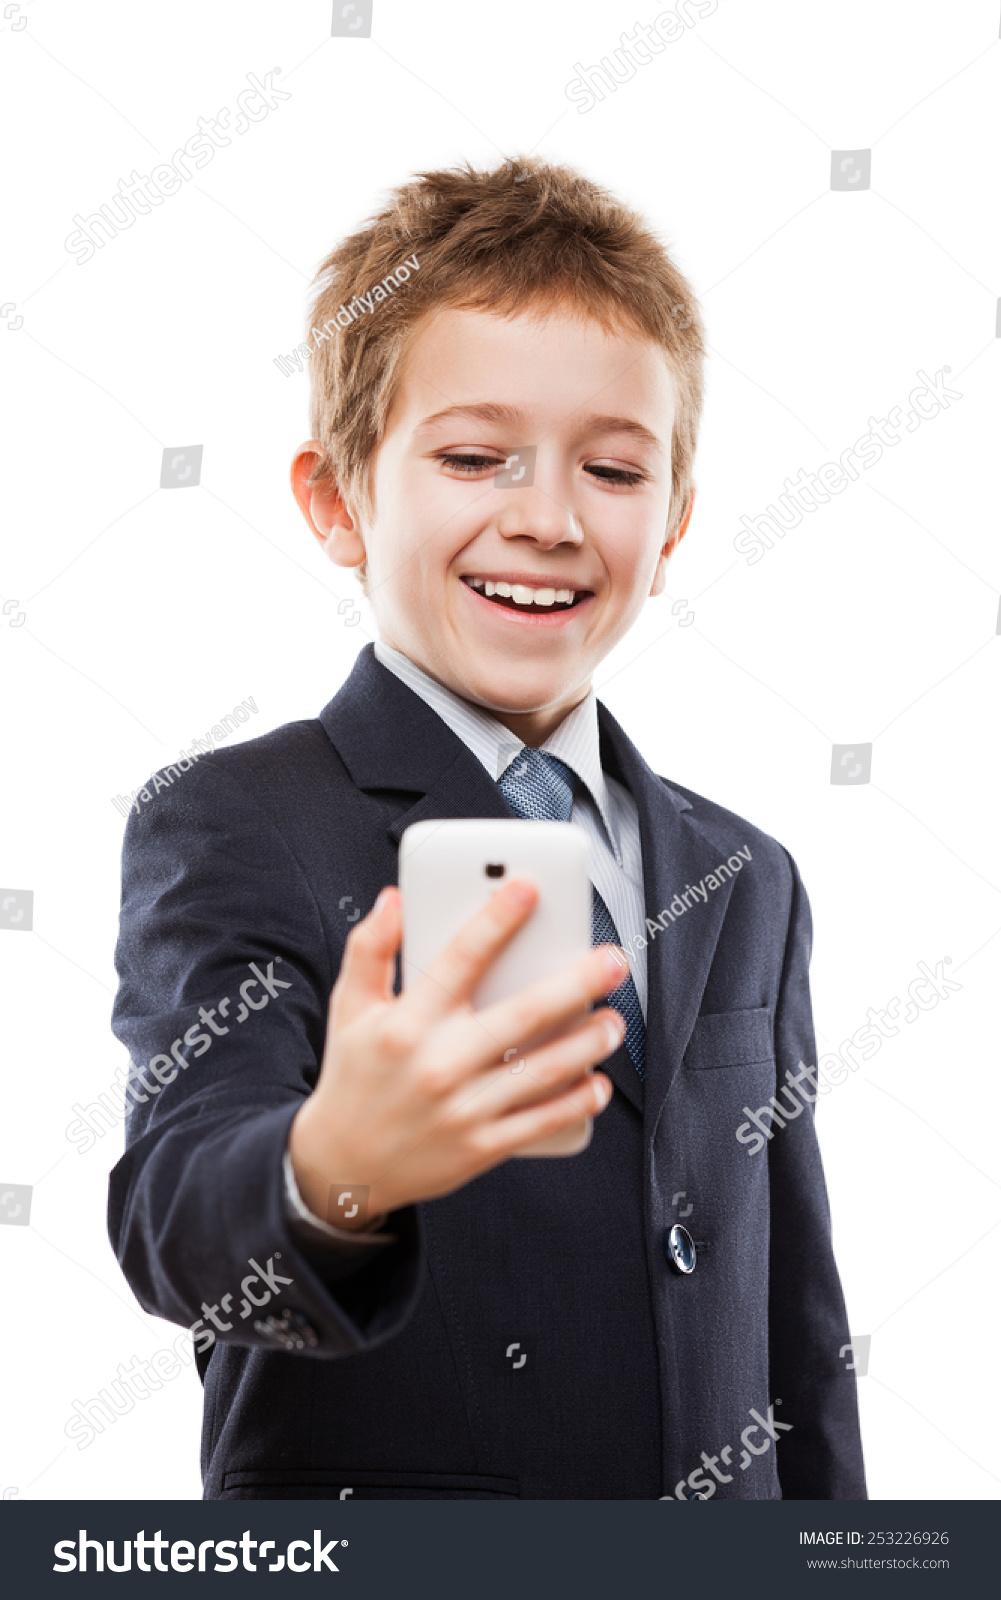 微笑的孩子小男孩在西装牵手手机或智能手机有问题的